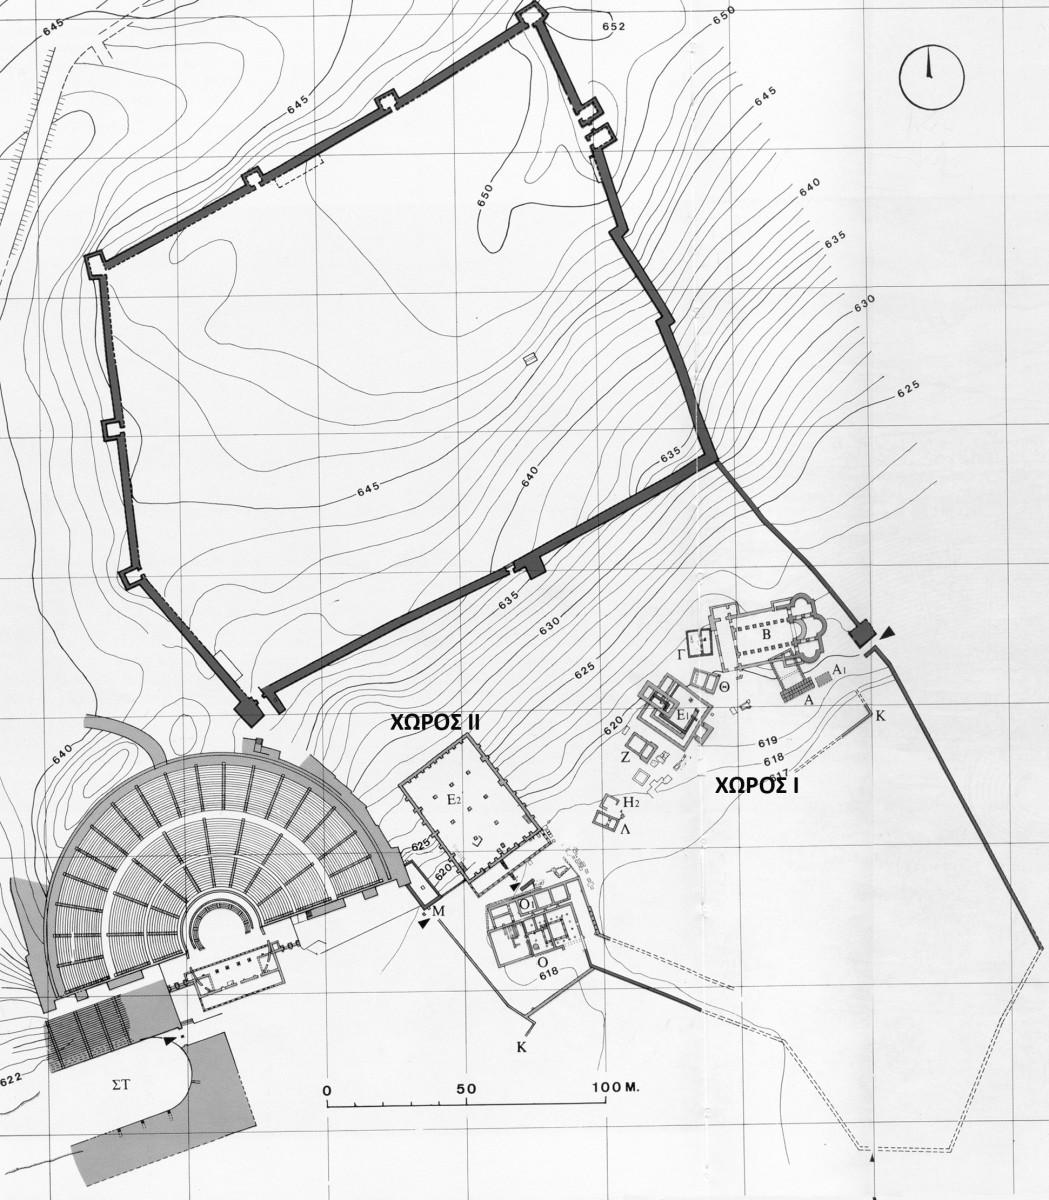 Εικ. 10. Κάτοψη του αρχαιολογικού χώρου της Δωδώνης, όπου σημειώνονται οι χώροι Ι και ΙΙ. (Πηγή: αρχείο Εφορείας Αρχαιοτήτων Ιωαννίνων)